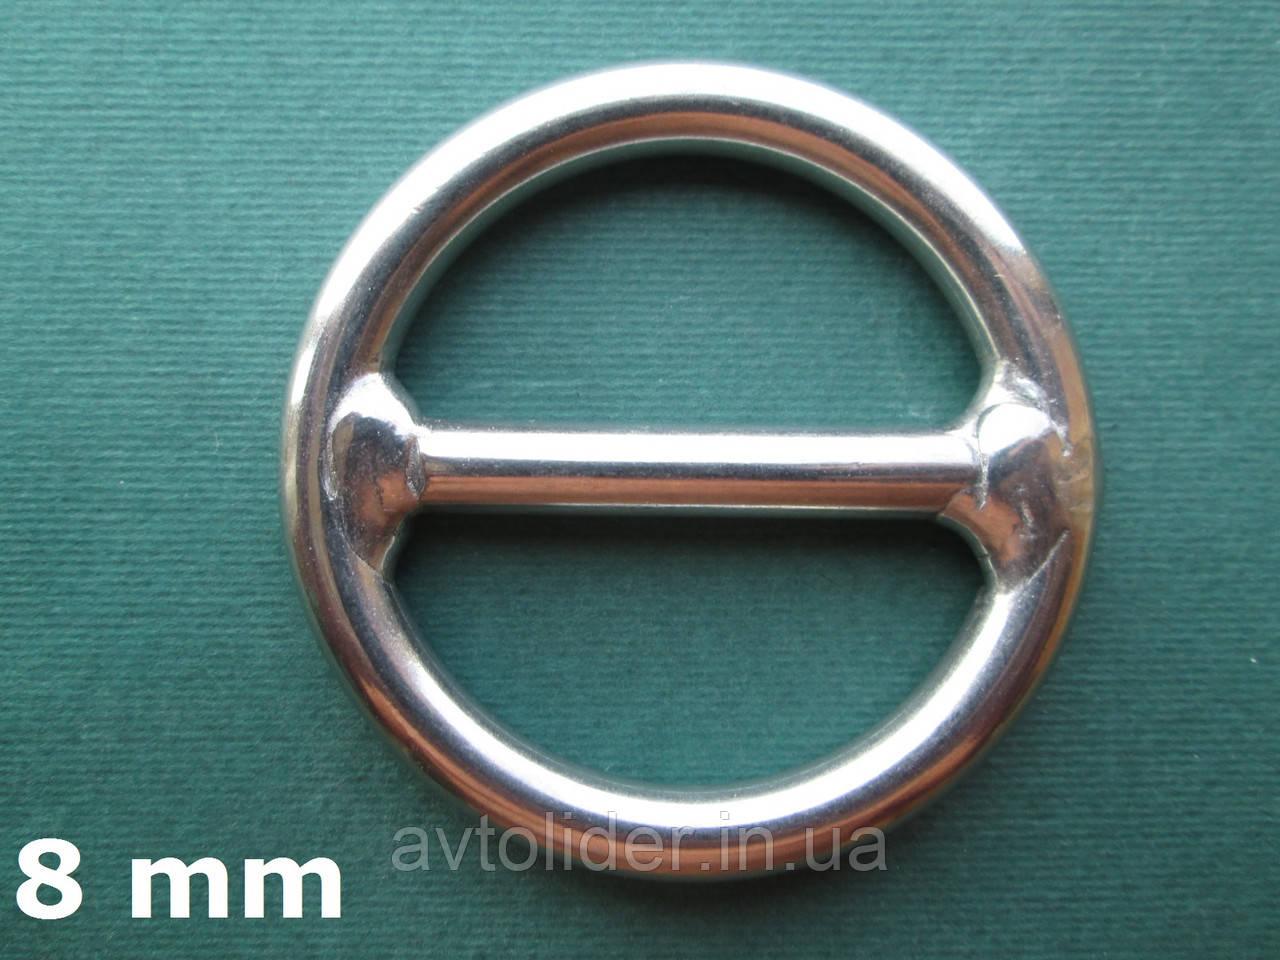 Нержавеющее кольцо с перемычкой, 8х50 мм, фото 1